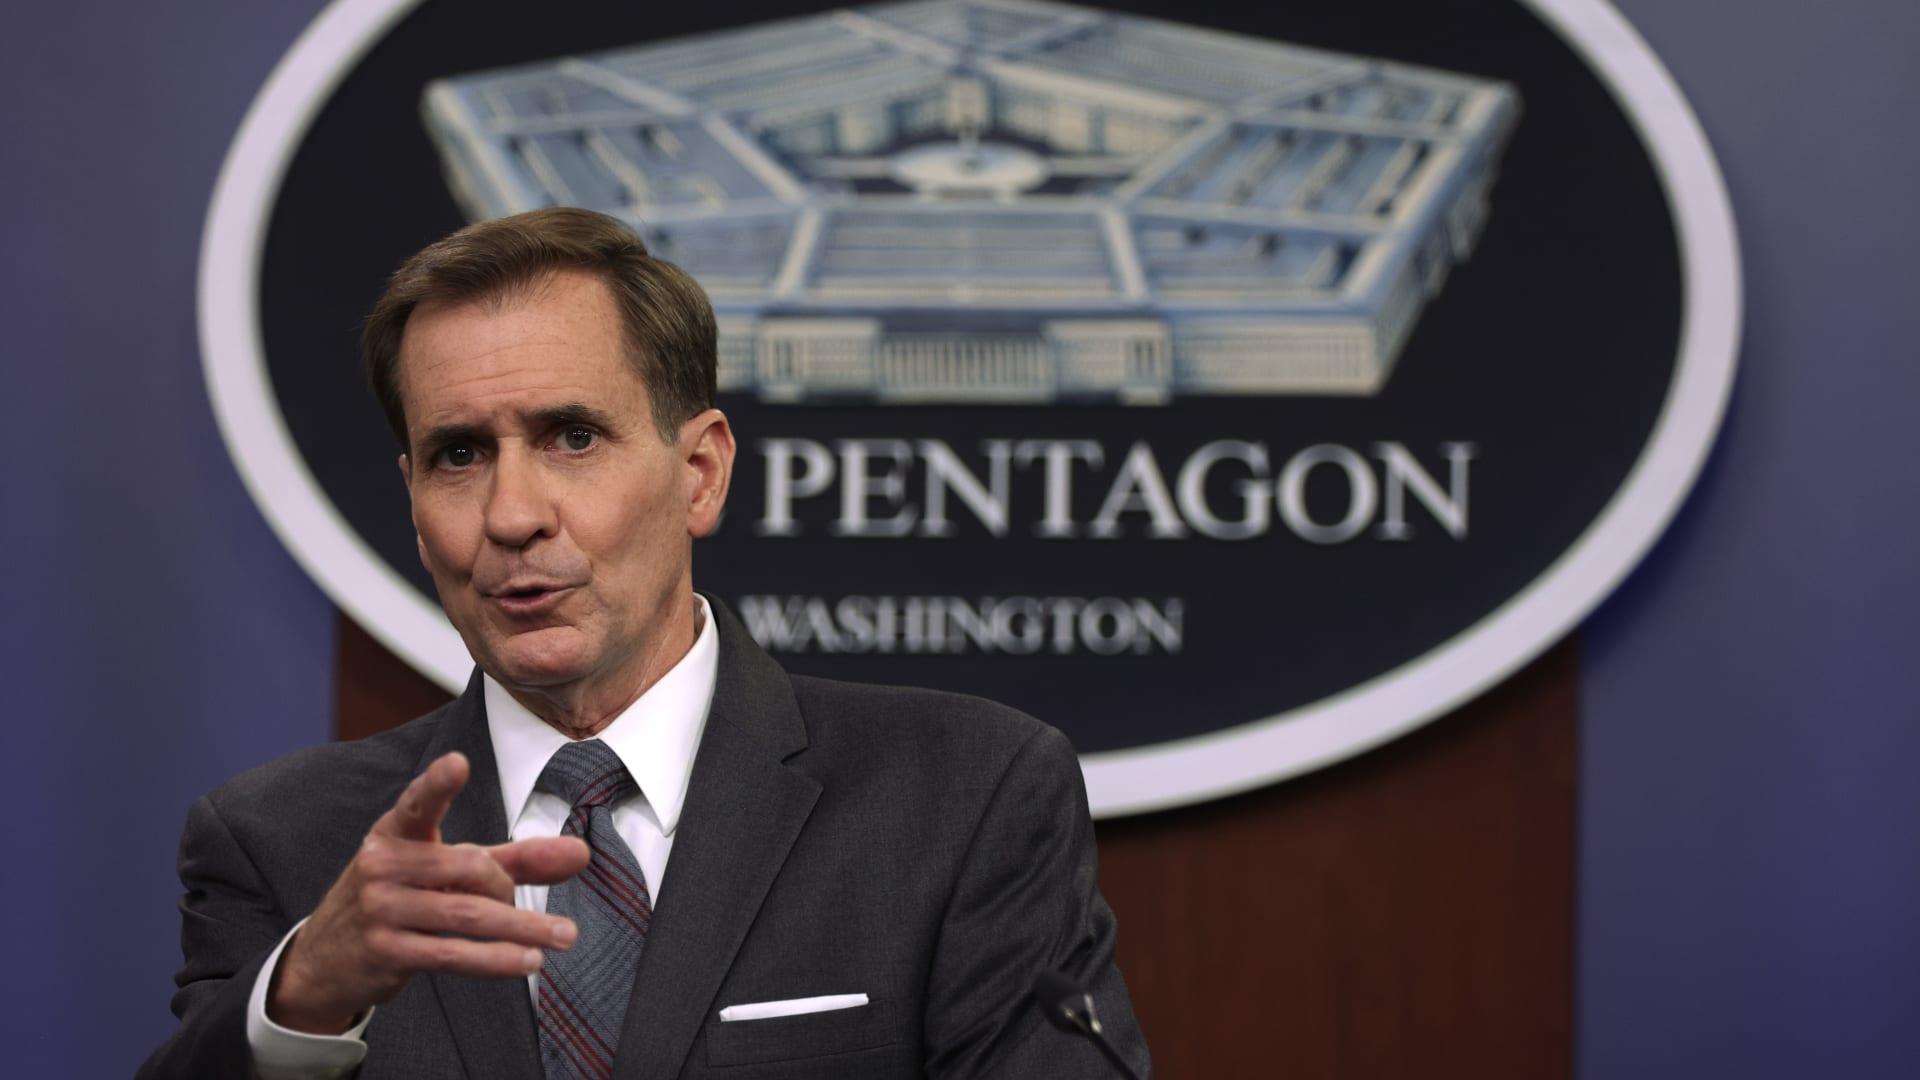 المتحدث باسم وزارة الدفاع الأمريكية (البنتاغون)، جون كيربي